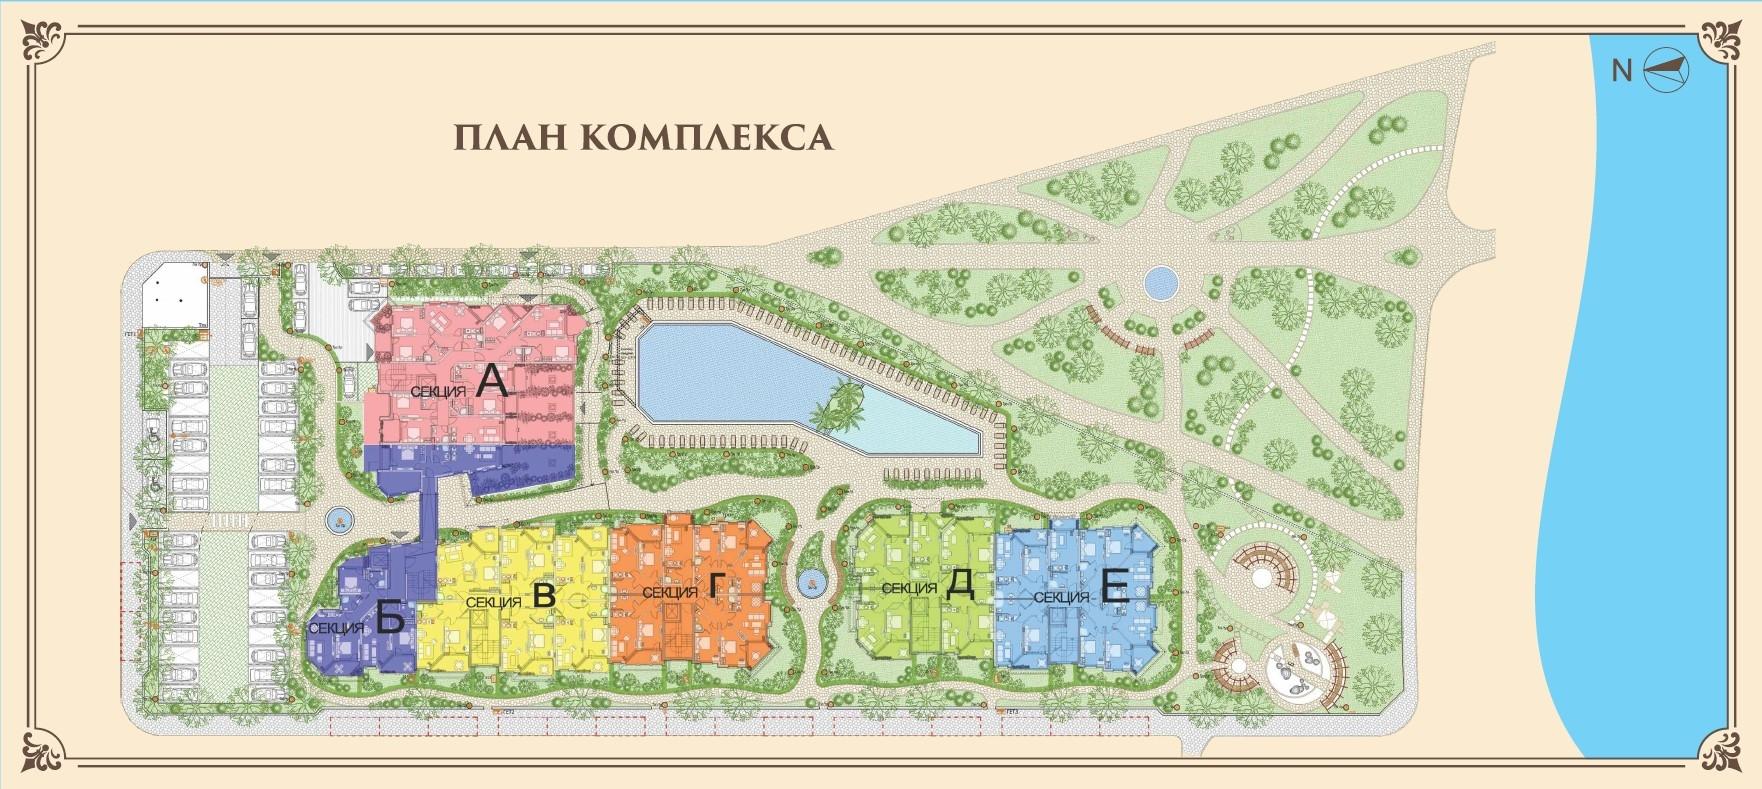 Генерален план: Апартаменти в комплекс в средиземноморски стил на първа линия